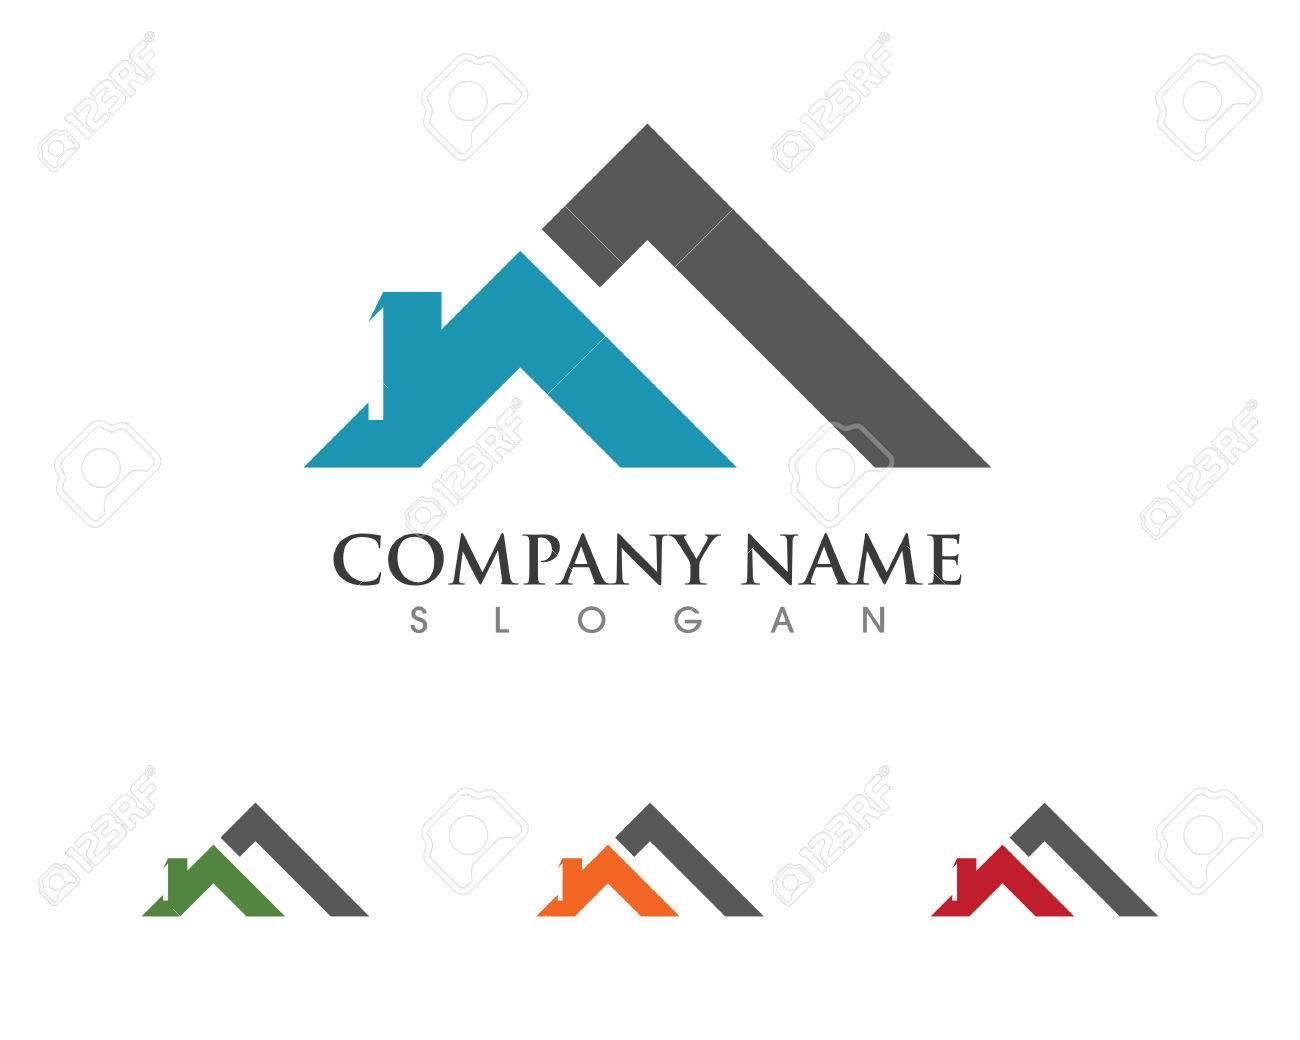 3fb866c5ed4e5 Banque d'images - Immobilier, propriété et construction Création de logo  pour le signe d'entreprise.